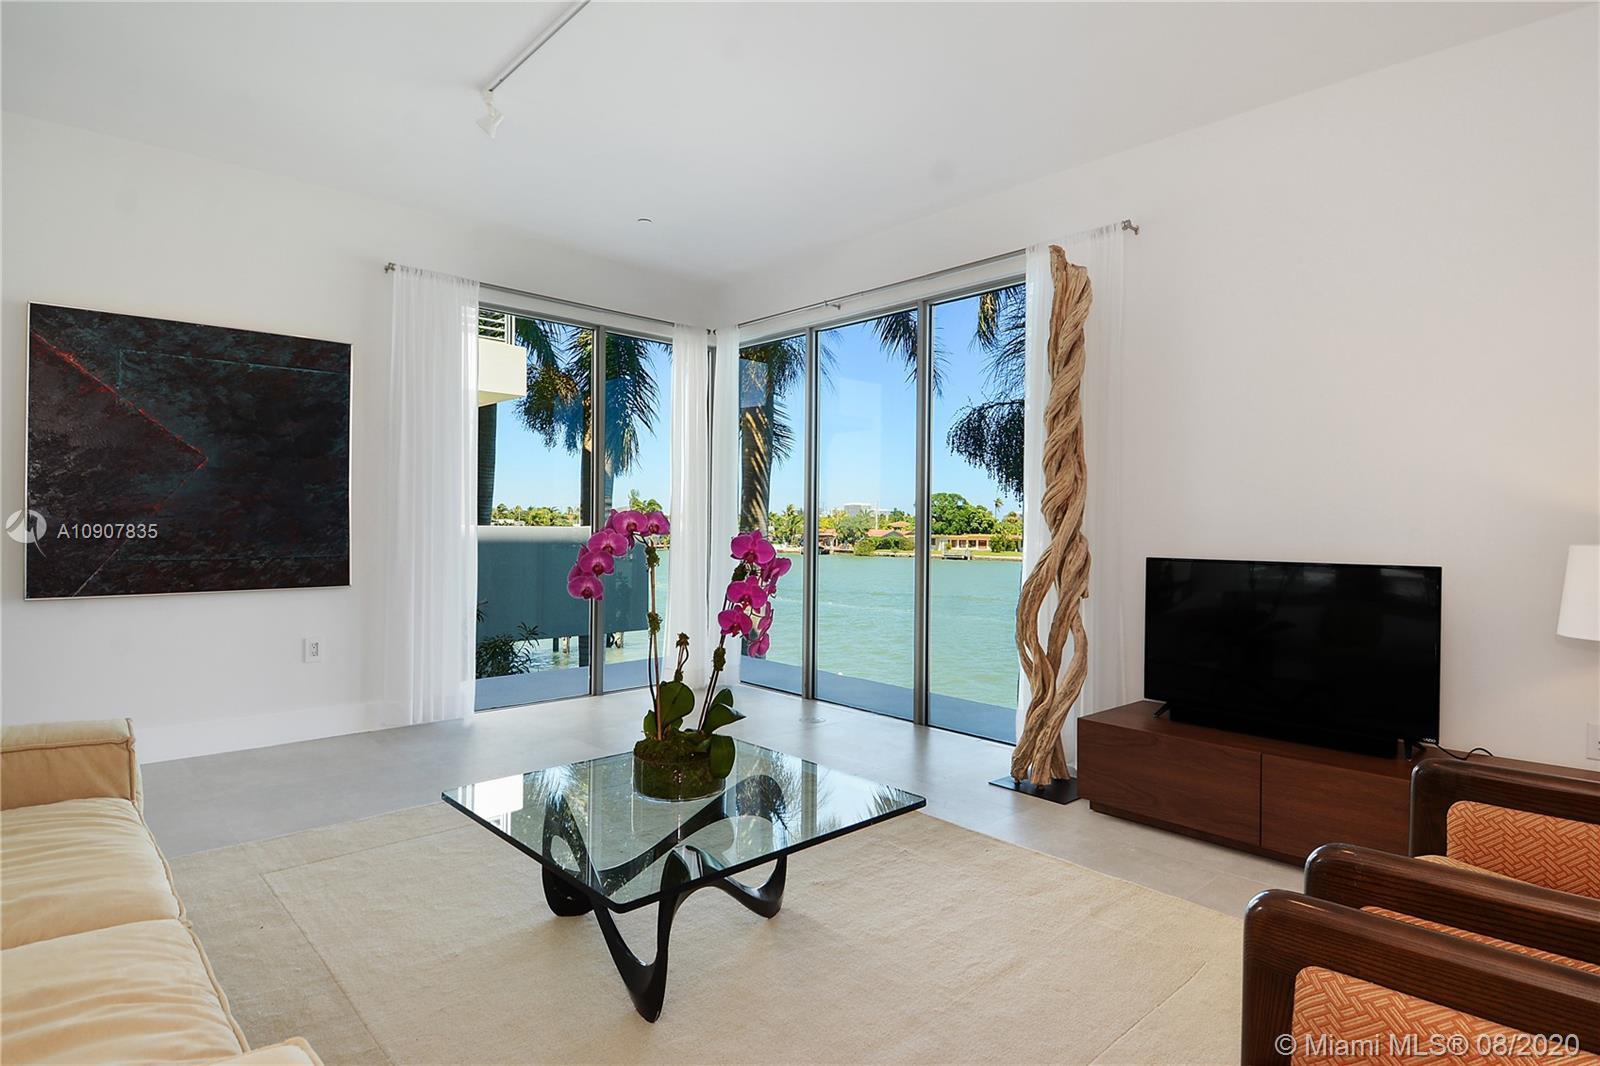 171 N Shore Dr #171-5 For Sale A10907835, FL